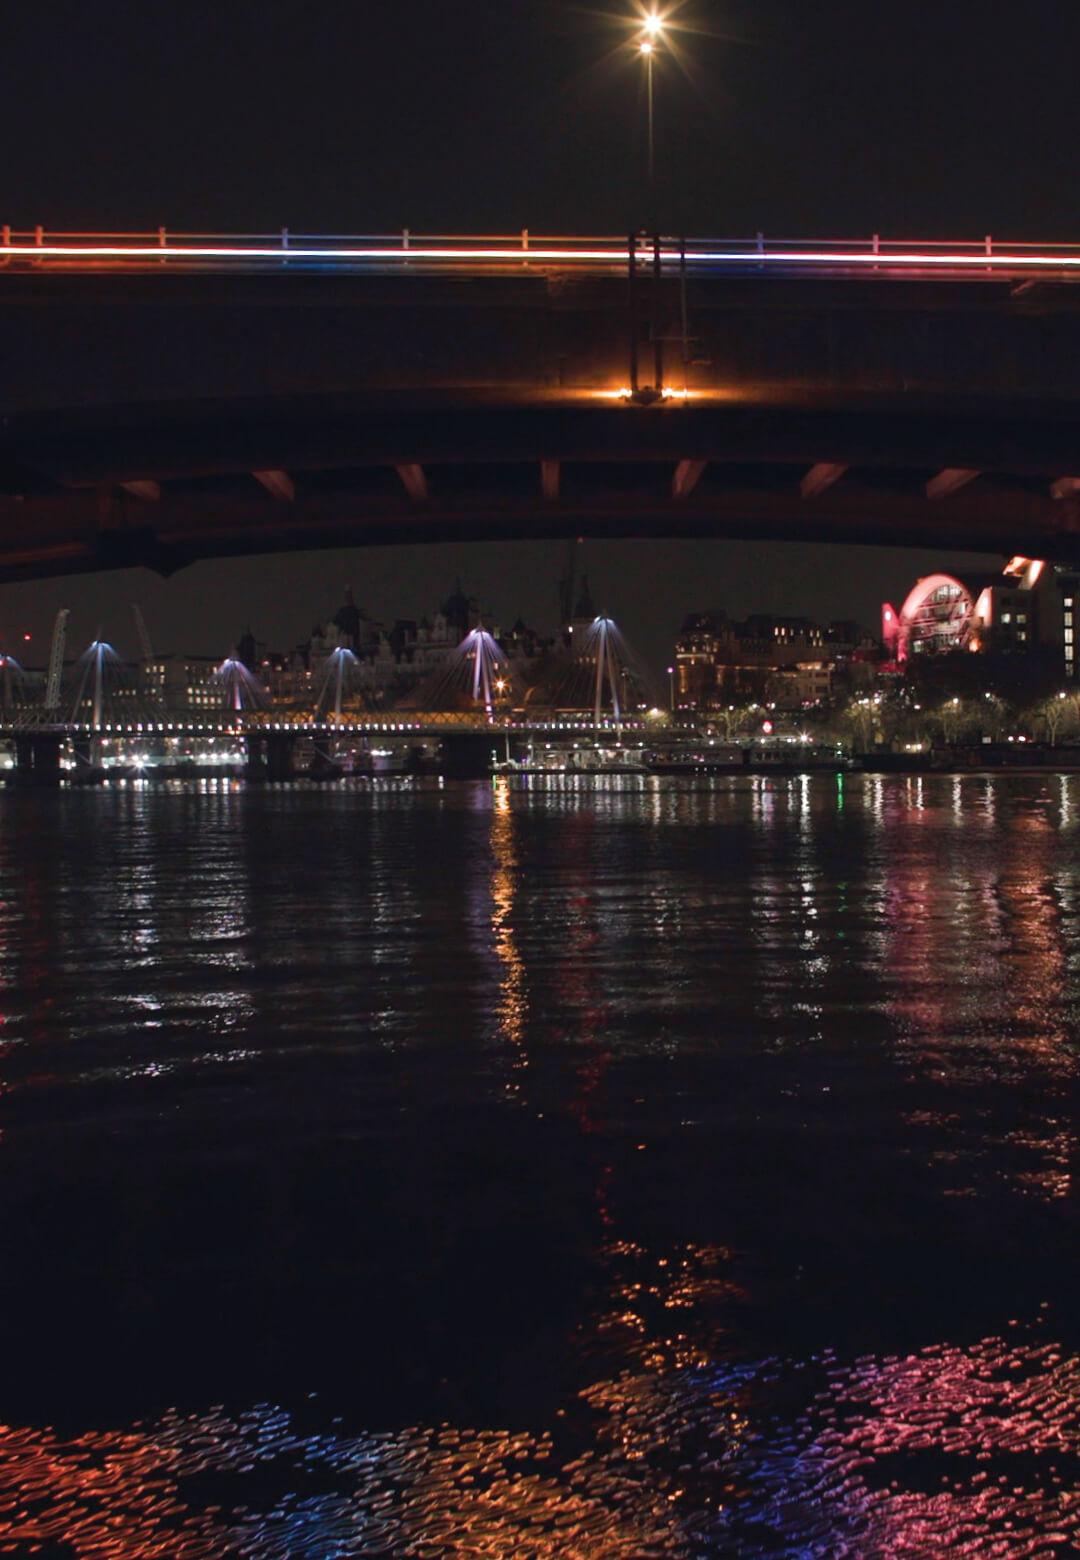 Waterloo Bridge, Illuminated River | Leo Villareal | STIRworld